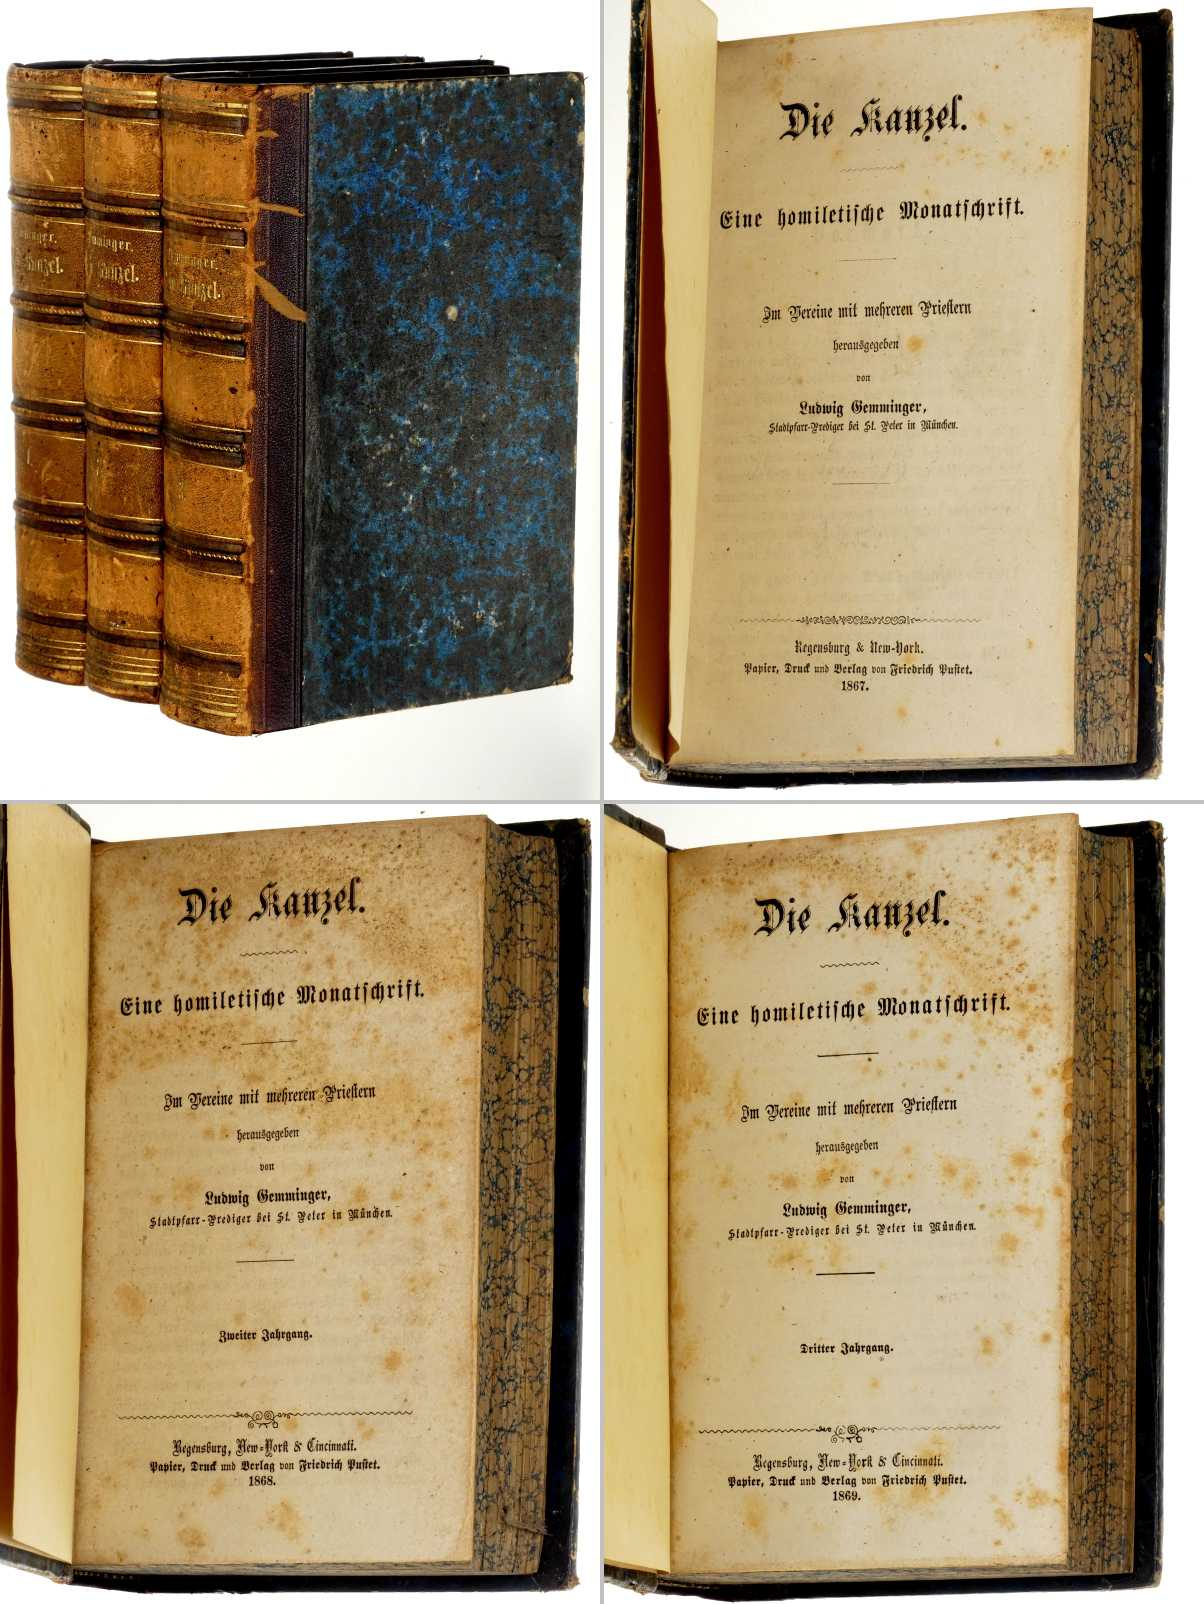 Die Kanzel. Eine homiletische Monatschrift. Jahrgang 1-3: Gemminger, Ludwig (Hg.):